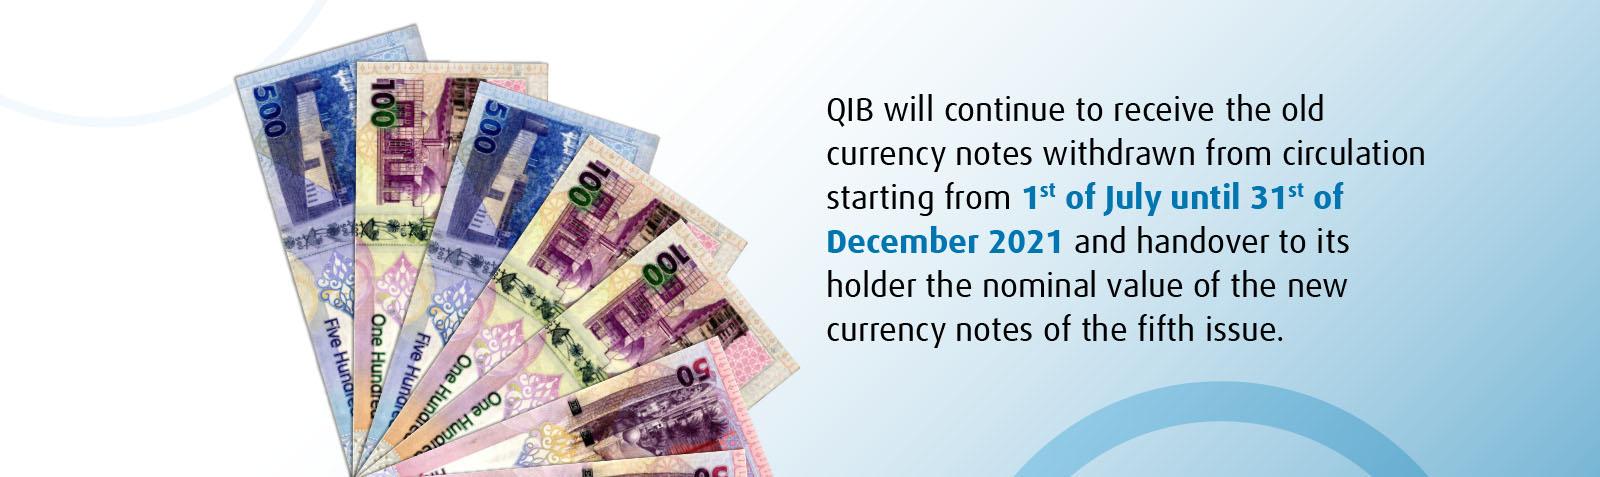 en-currency